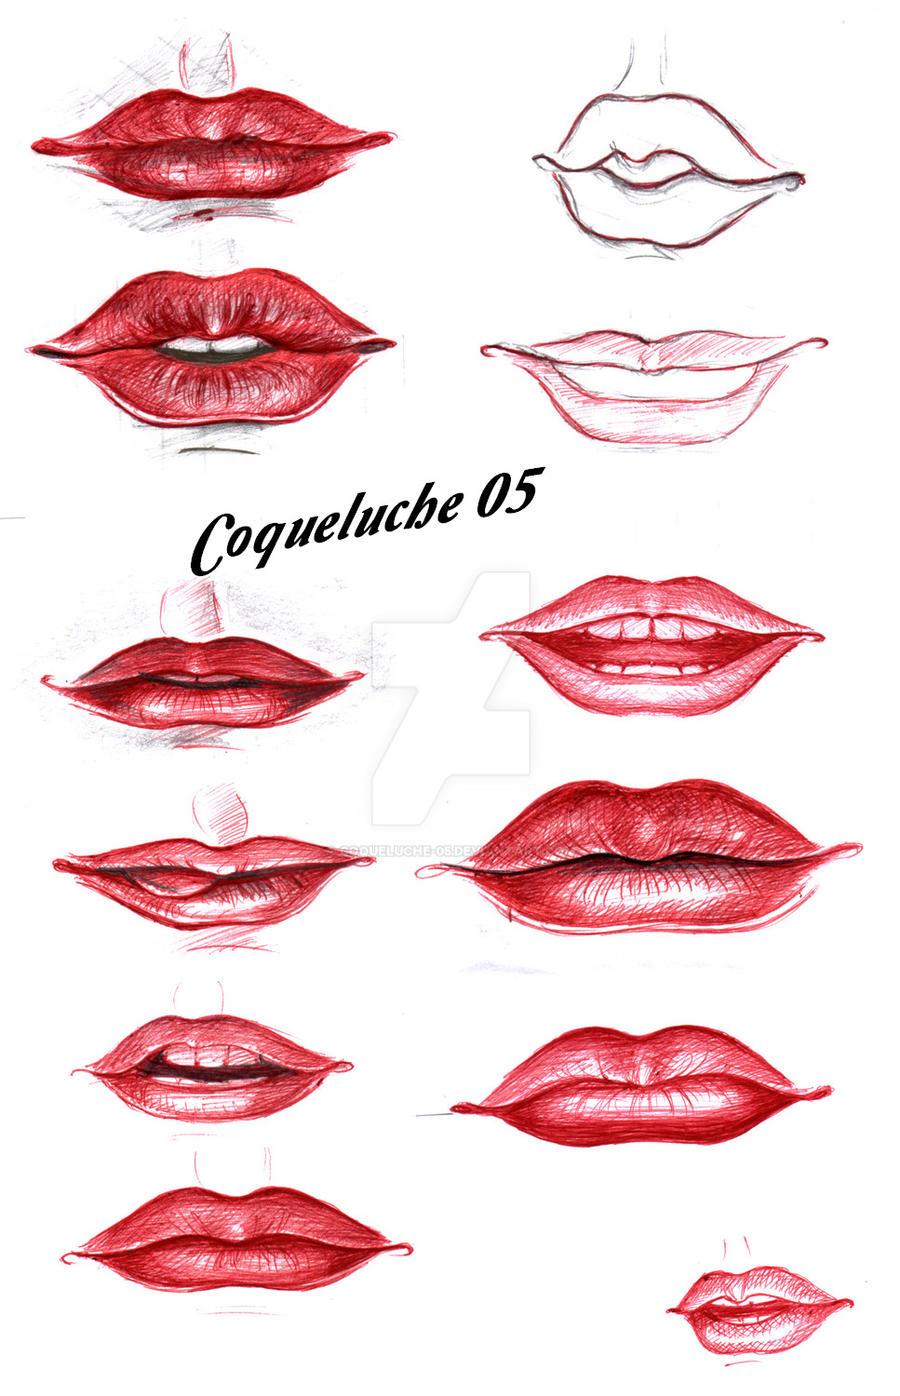 SKETCH - LIPS by Coqueluche-05 on DeviantArt